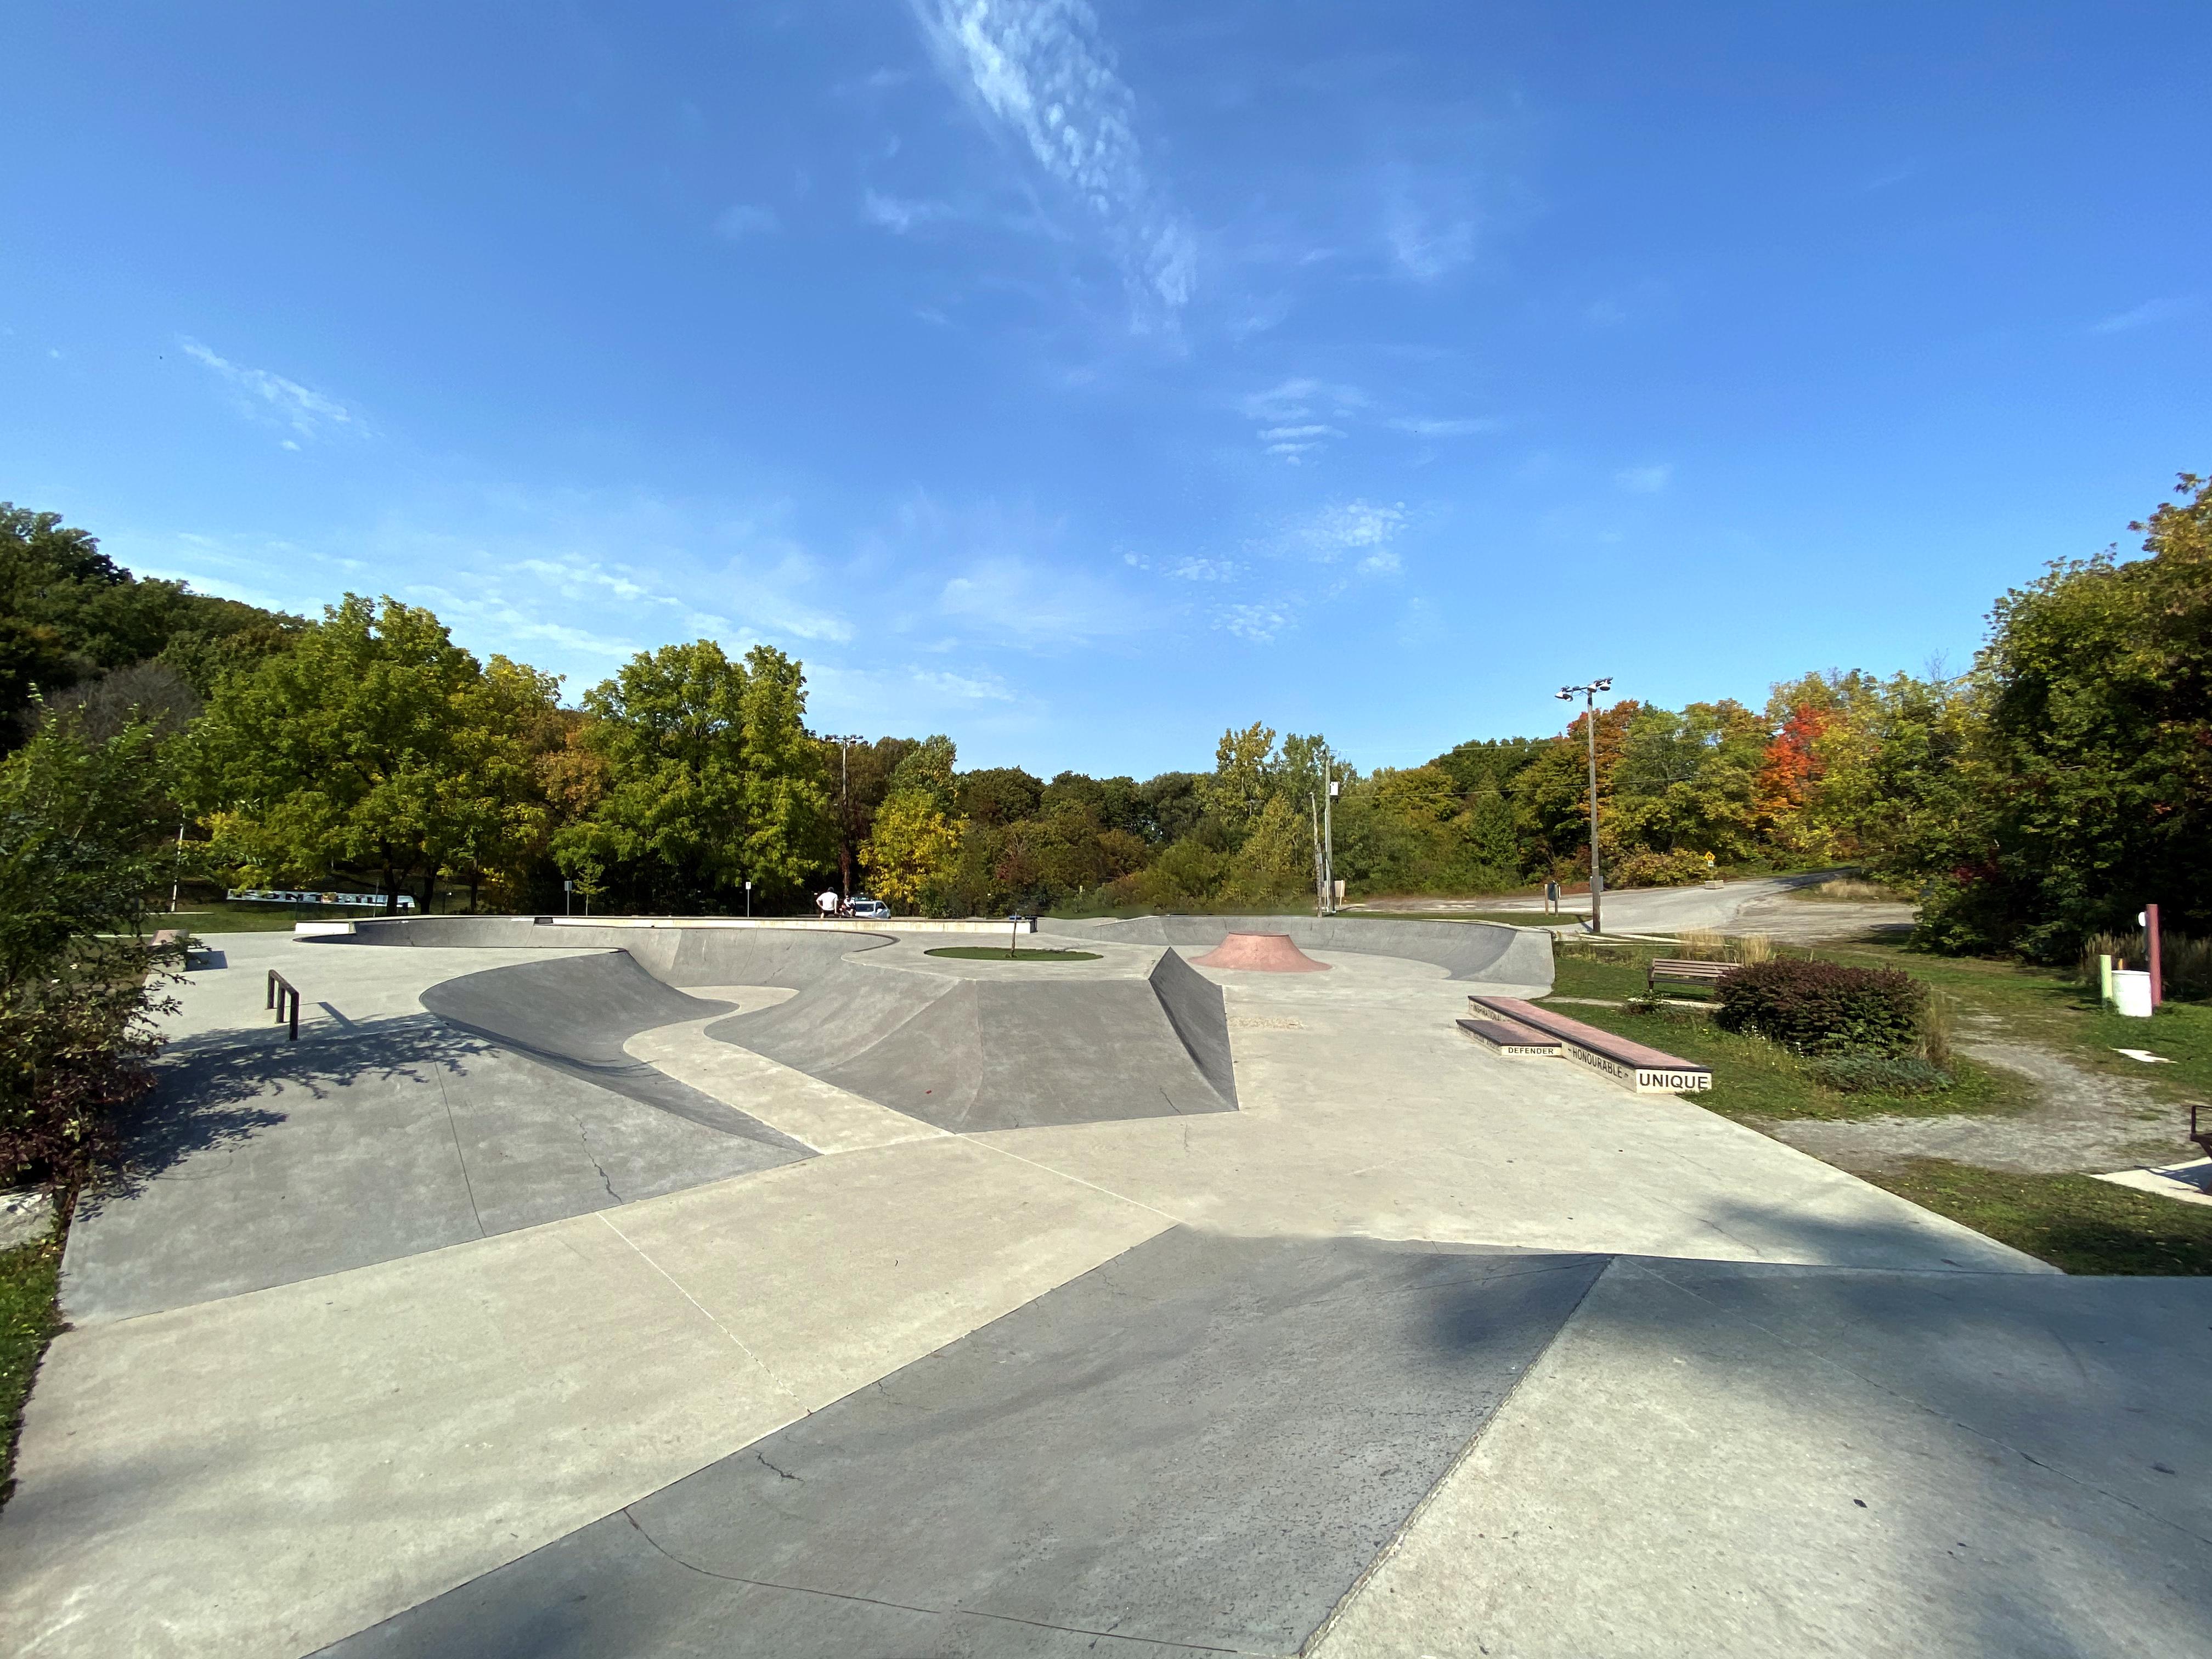 Fonthill skatepark